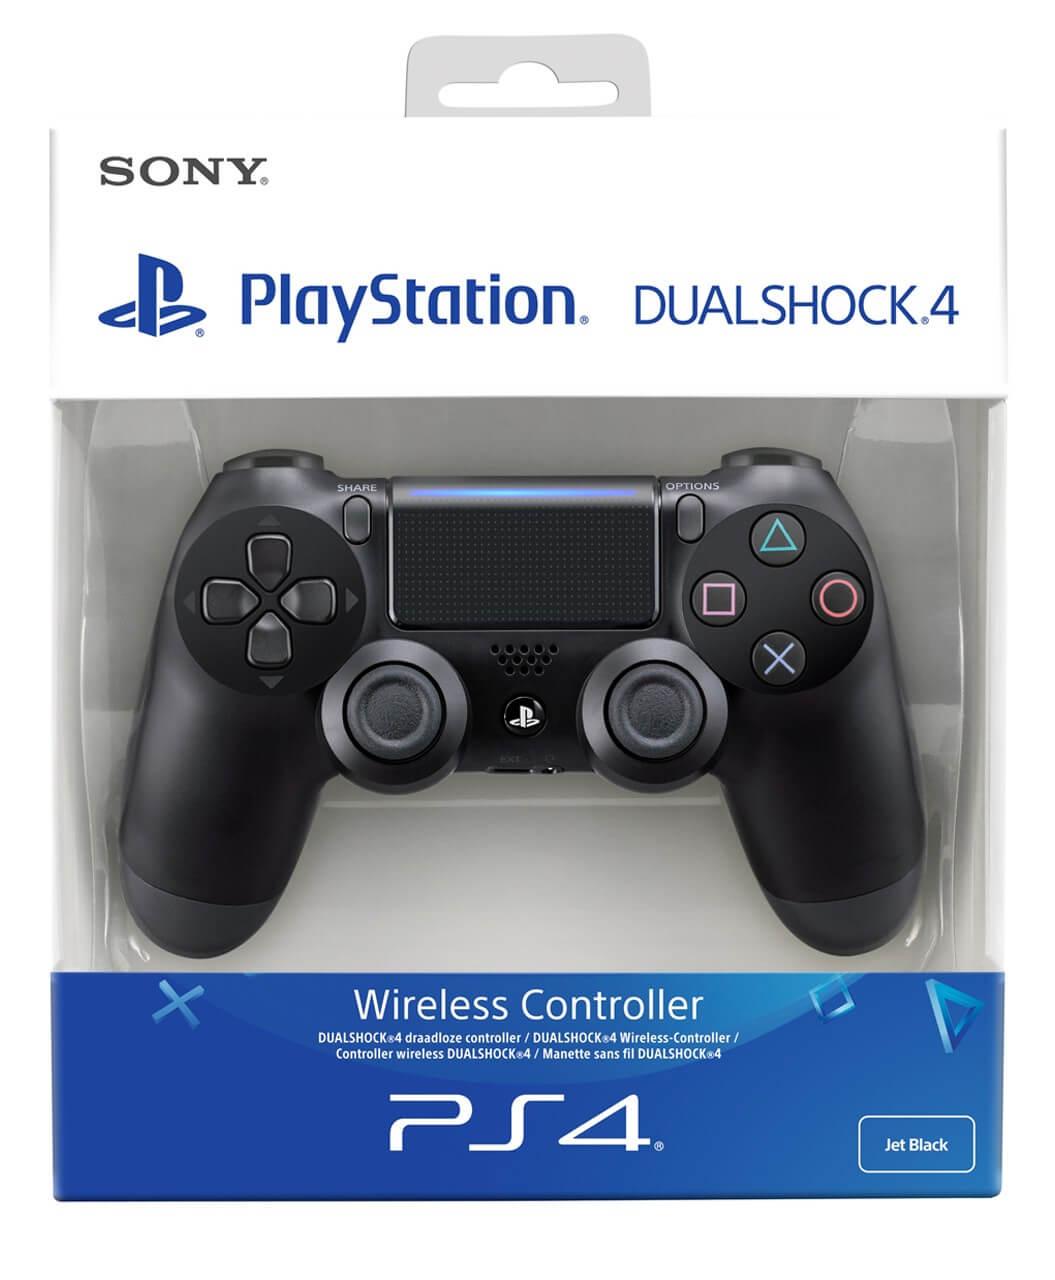 Sony PlayStation DualShock 4 V2 valdiklis - Jet Black XBOX